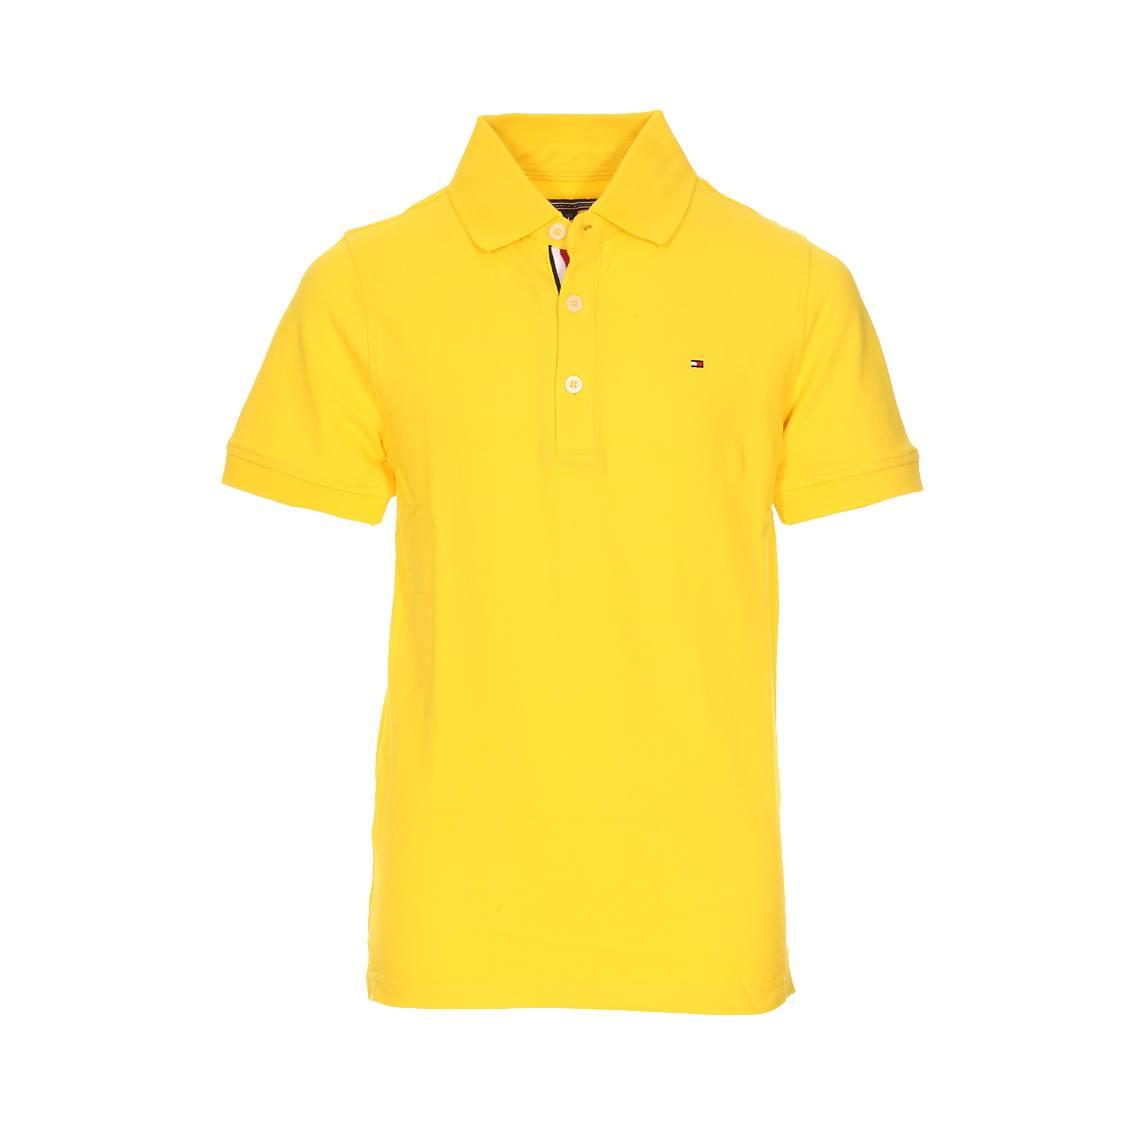 573303b8 Polo Tommy Hilfiger Junior Ame en piqué de coton jaune | Rue Des Hommes